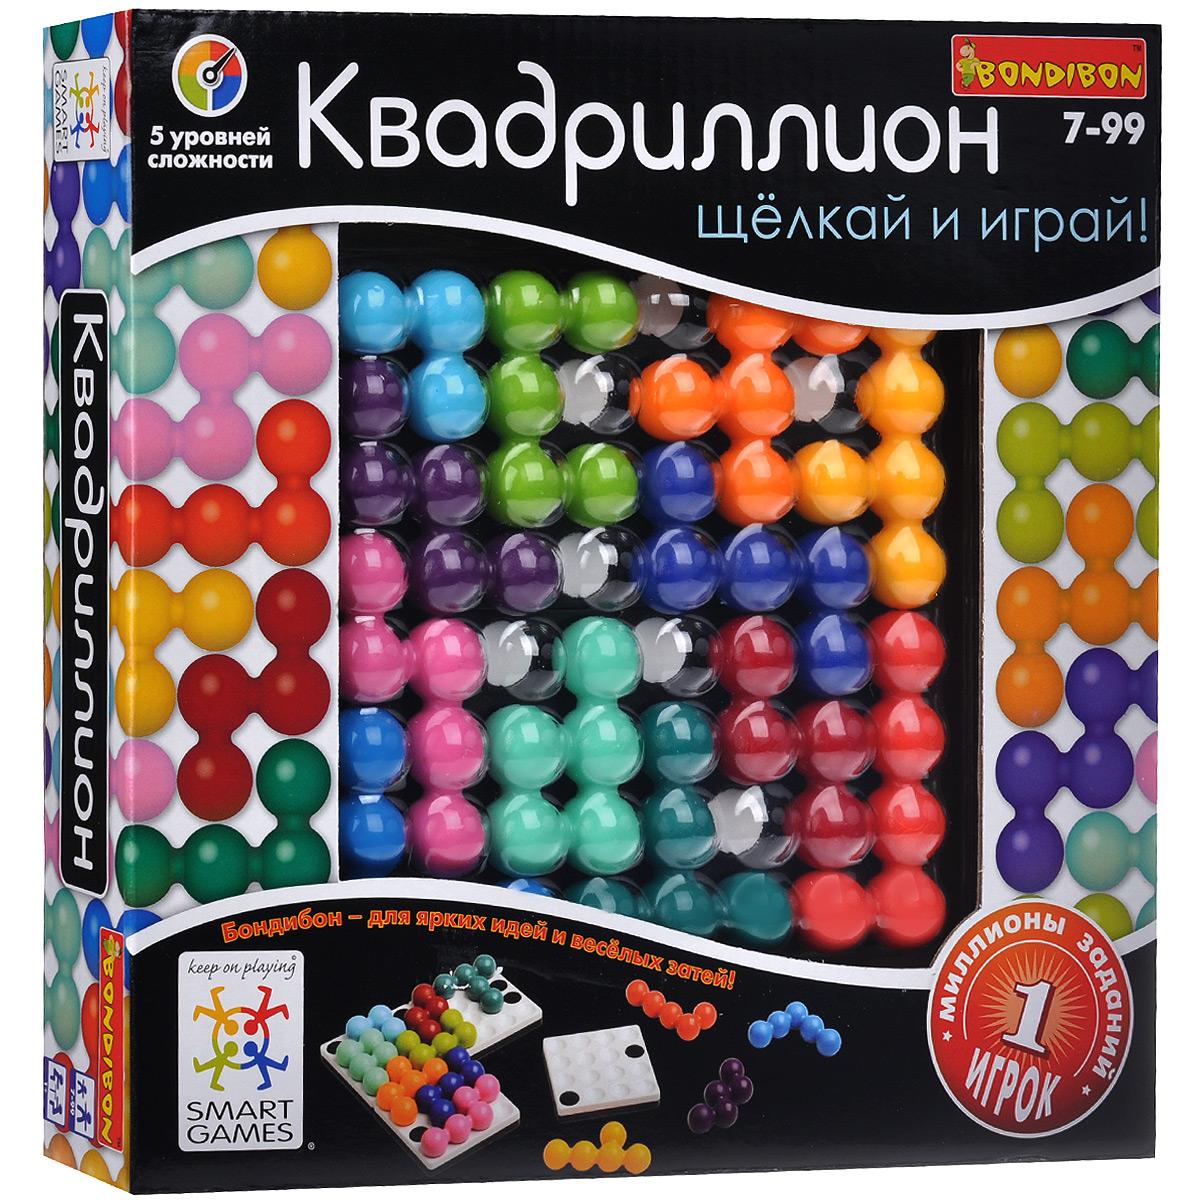 Логическая игра Bondibon Smartgames КвадриллионВВ1057Логическая игра Bondibon Smartgames Квадриллион направлена на активное развитие и тренировку важных функций у детей и взрослых, таких как: логическое мышление и познавательные способности, развитие фантазии, мелкая моторика, тренировка памяти, социальное развитие, концентрация внимания, креативность мышления, принятие верных и быстрых решений. Для того, чтобы начать игру, необходимо защелкнуть 4 магических решетки вместе и создать свое игровое поле. Игра предусматривает задания пяти уровней сложности, в ходе которых ребенку необходимо расположить на поле 12 цветных элементов головоломки в определенном порядке, в точности воспроизводя картинку из задания. Легкая и компактная, игра Квадриллион позволит скоротать время во время вынужденного ожидания в пробках и очередях. В набор входят: четыре части игрового поля, 12 элементов головоломки и буклет с правилами игры на русском языке и заданиями для сборки.